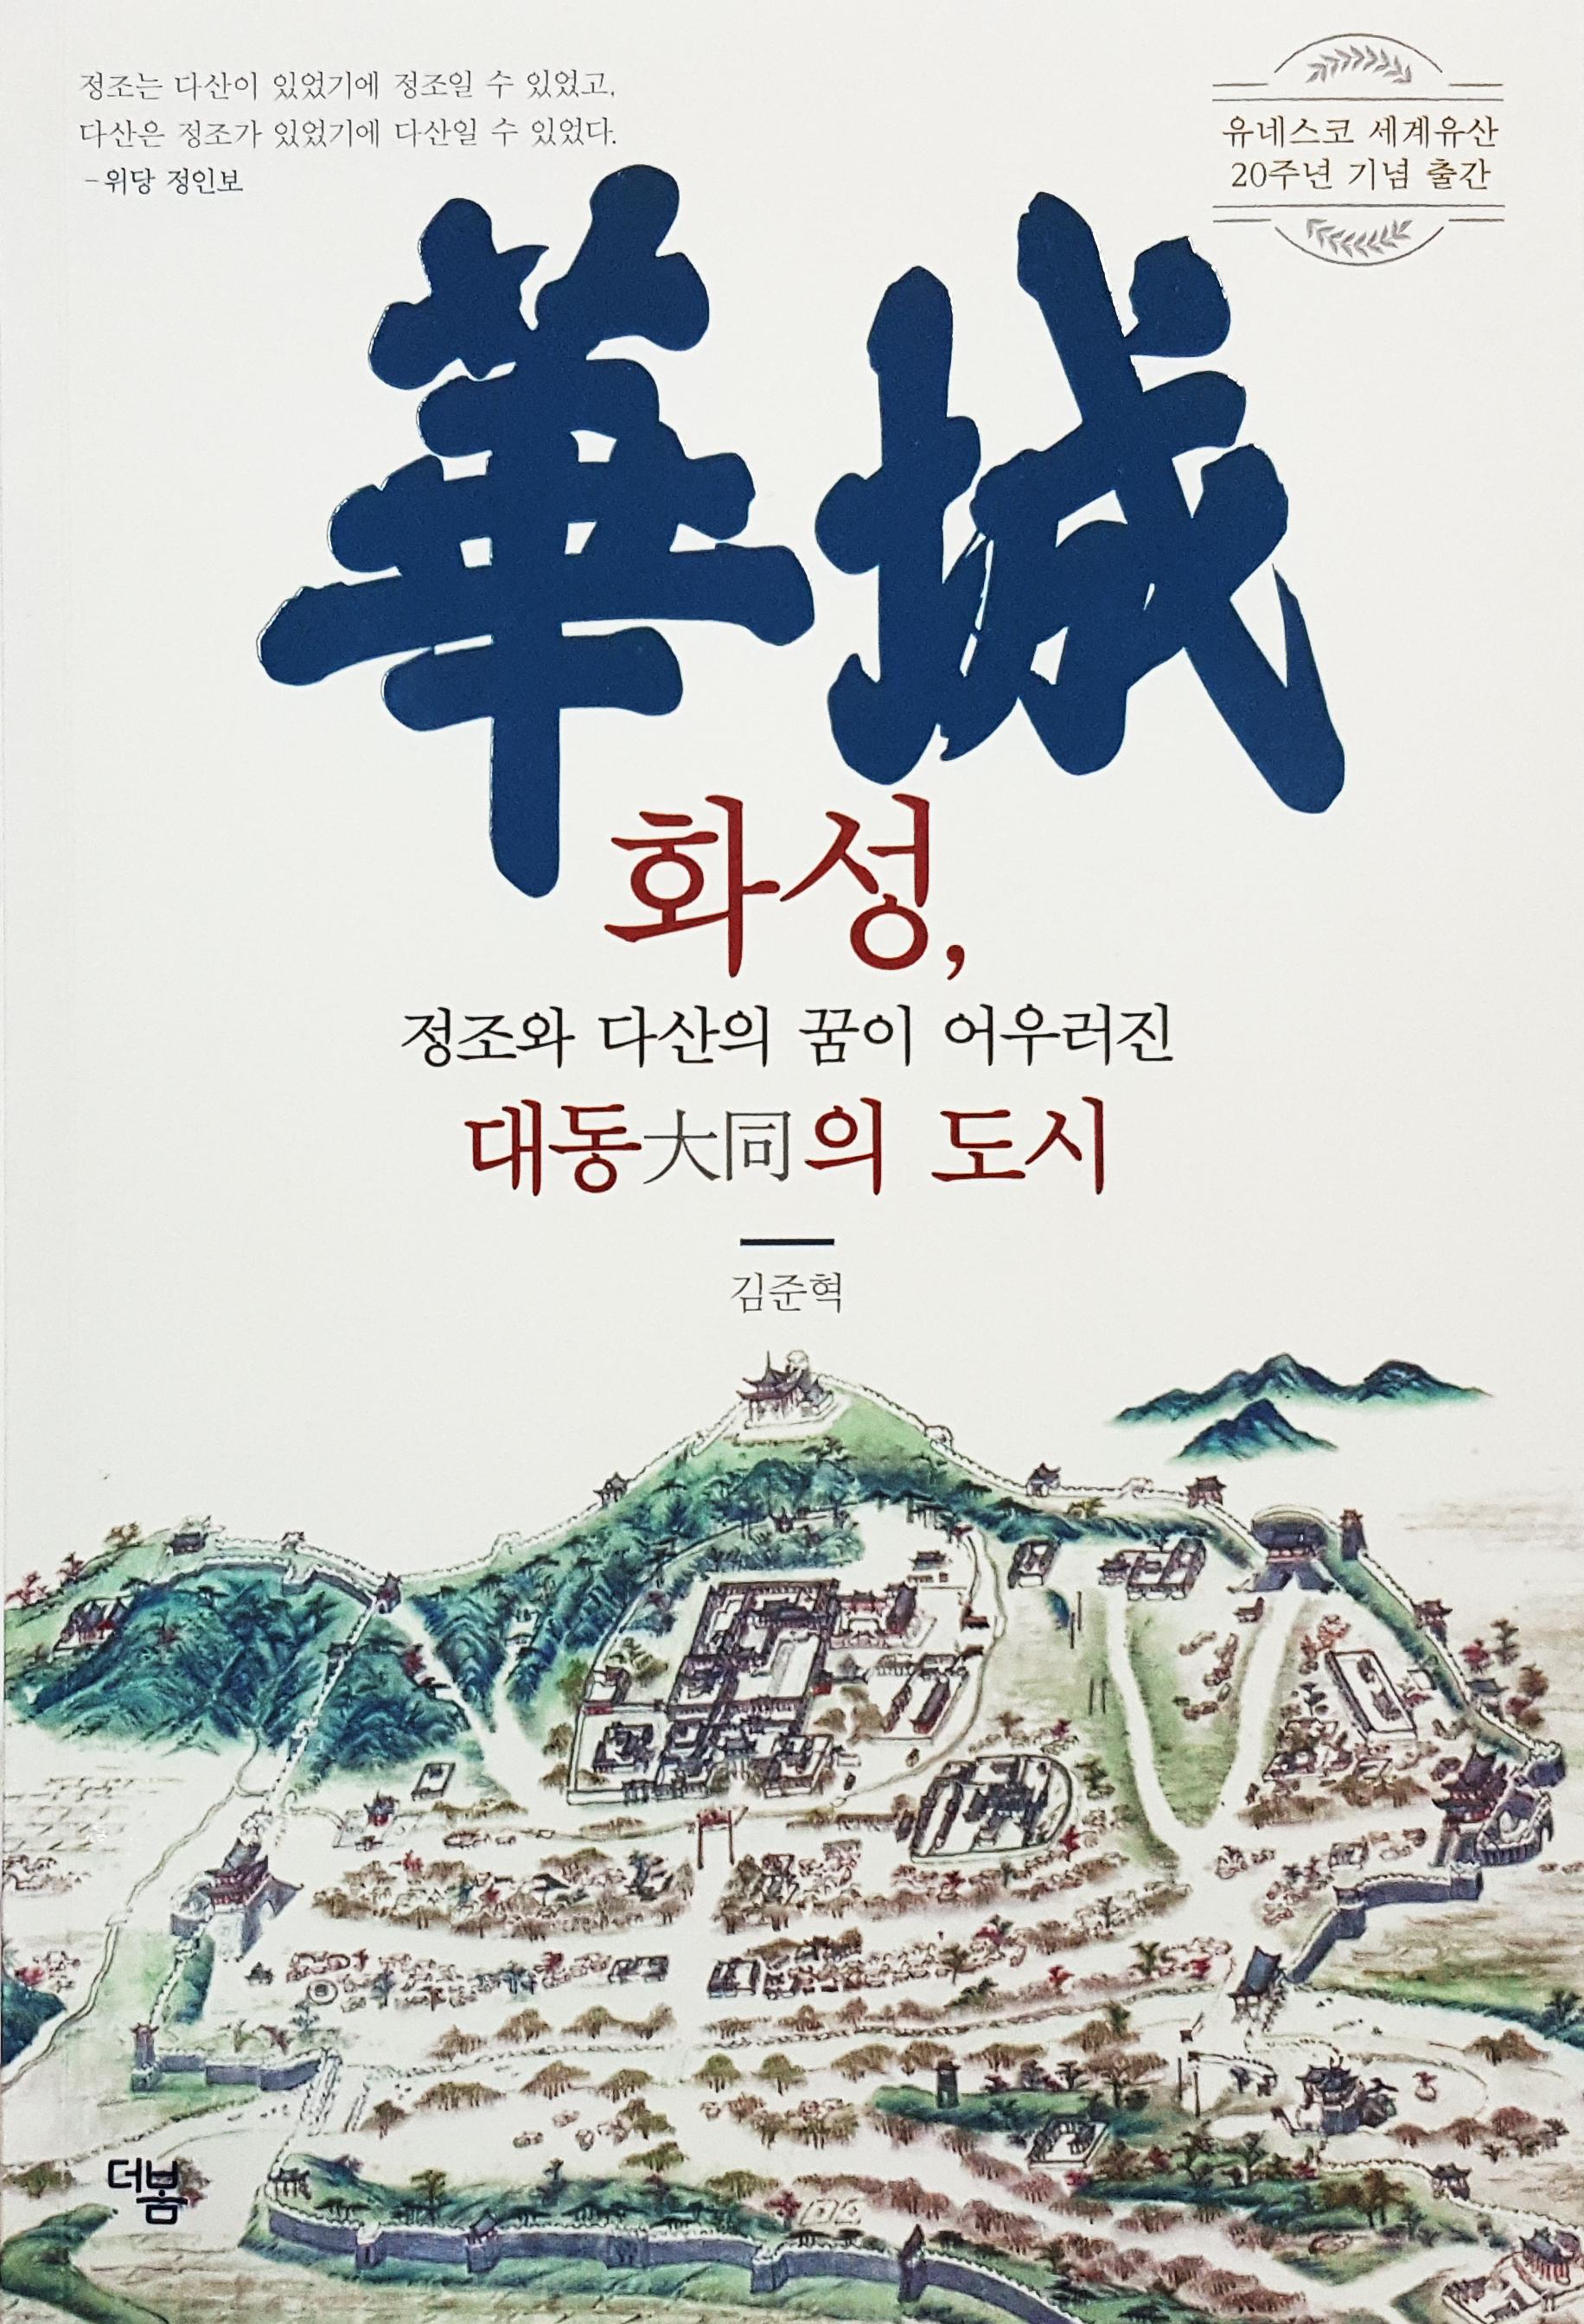 화성, 정조와 다산의 꿈이 어우러진 대동의 도시 - 김준혁 신간